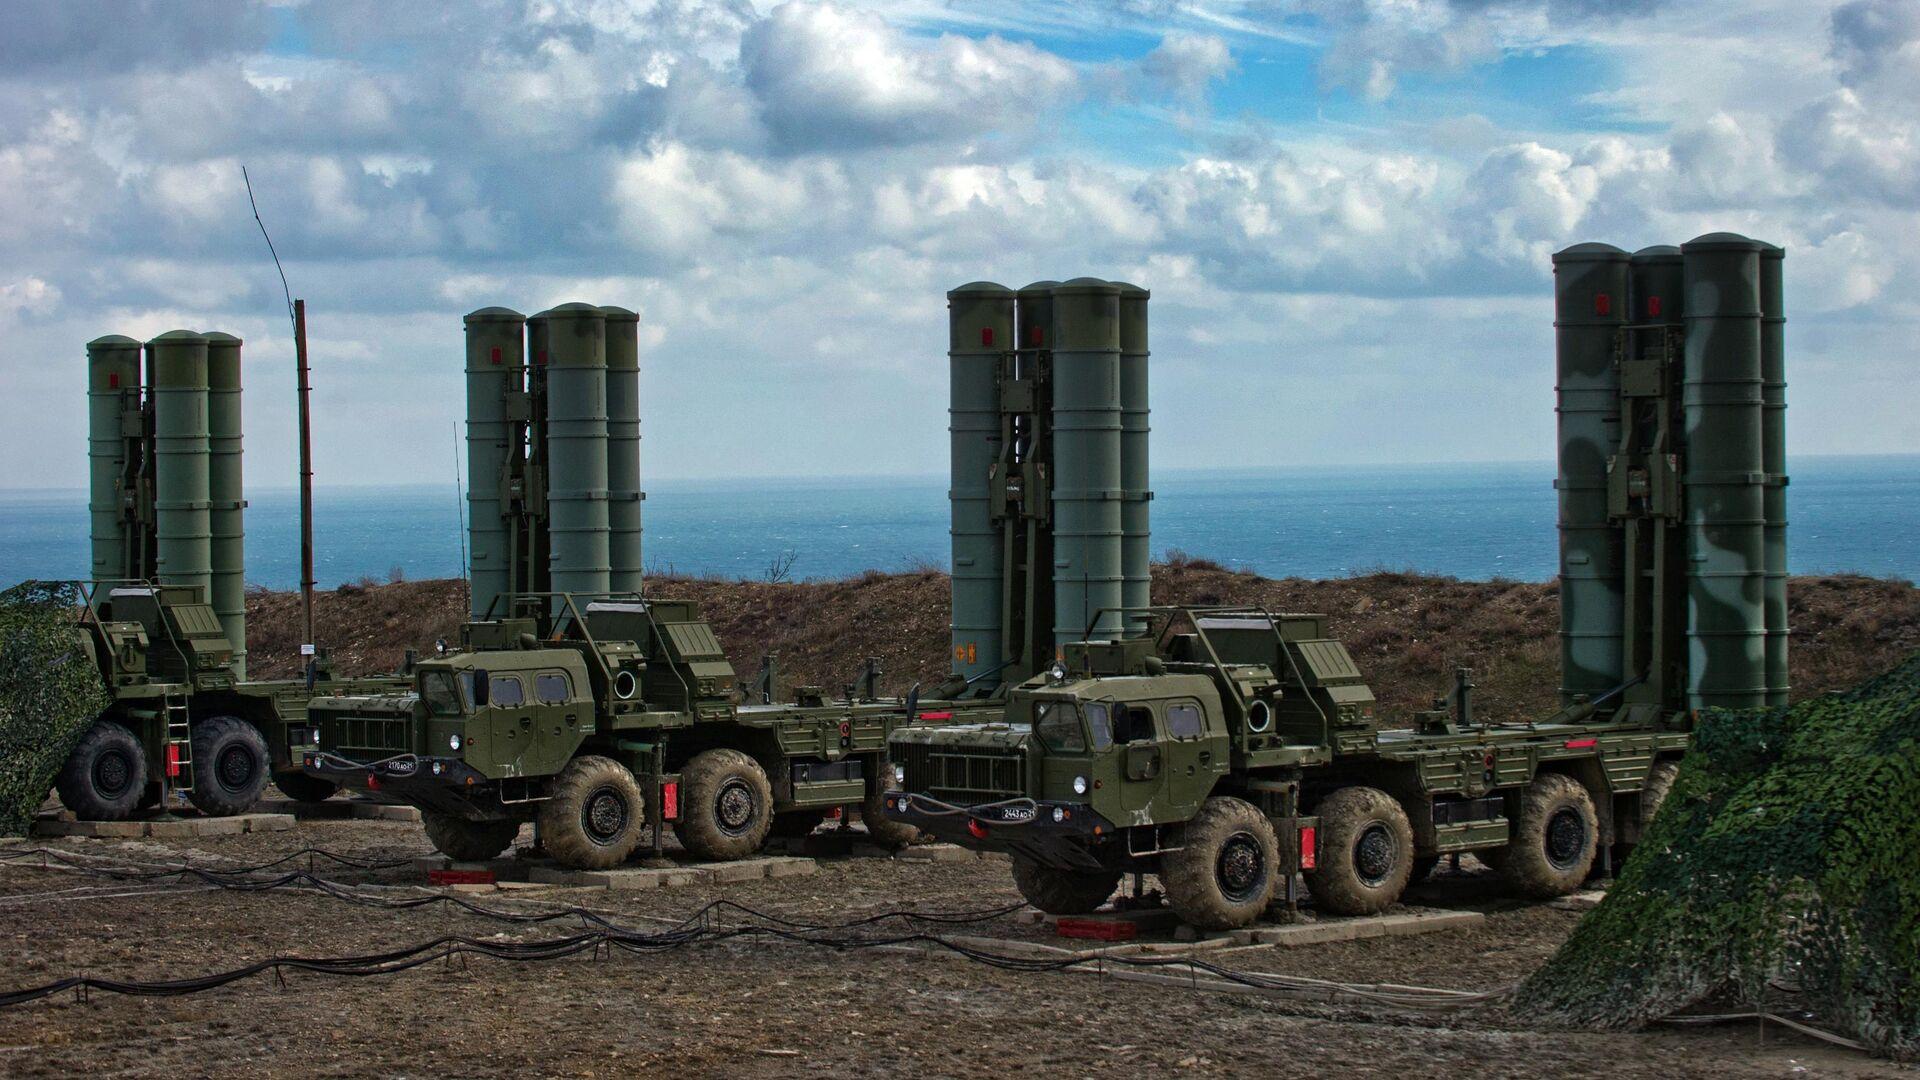 Зенитные ракетные комплексы С-400 Триумф - РИА Новости, 1920, 09.06.2021